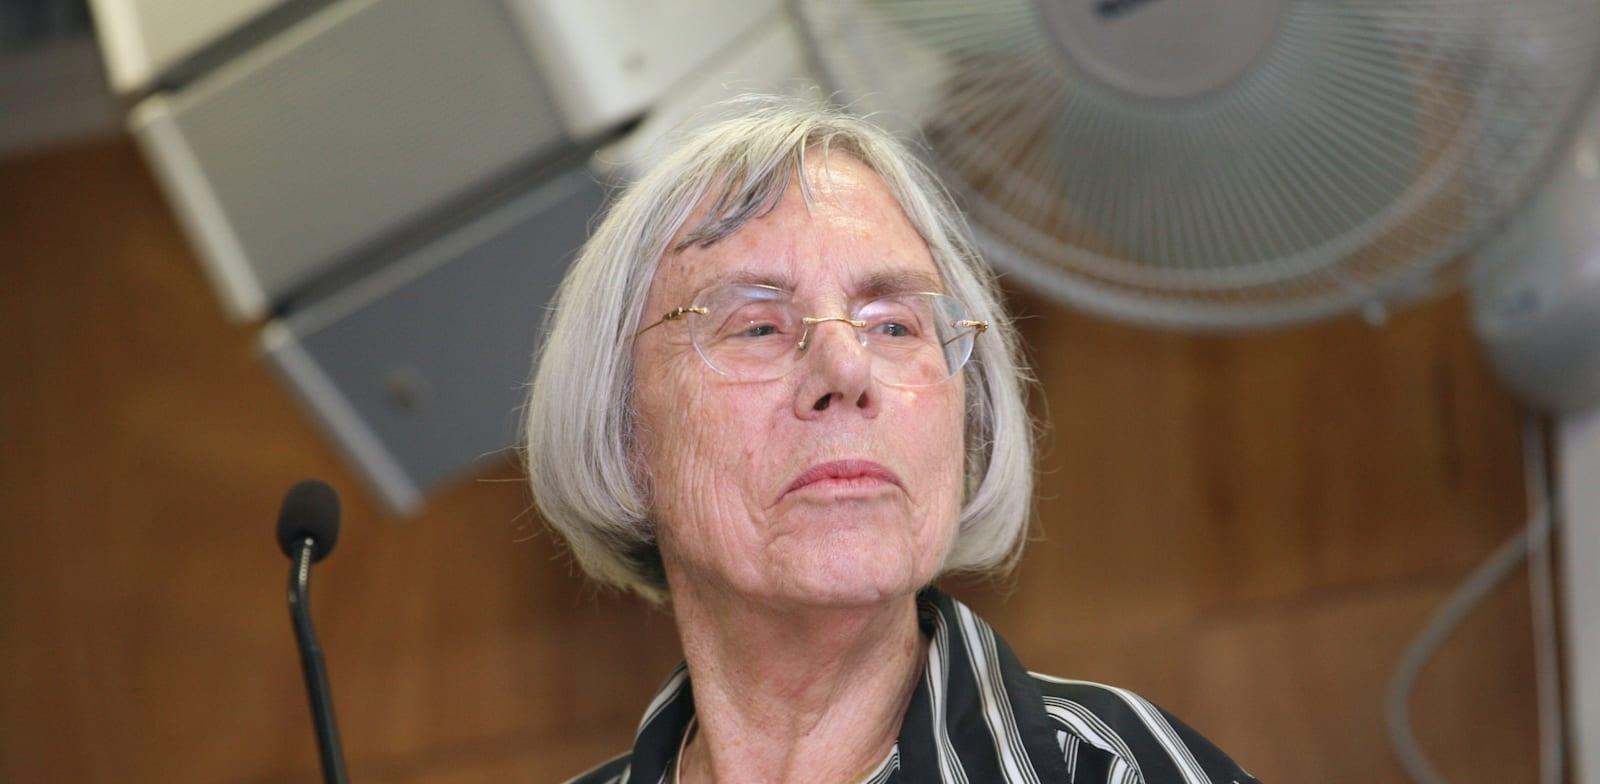 נשיאת מועצת העיתונות, השופטת בדימוס דליה דורנר / צילום: עינת לברון